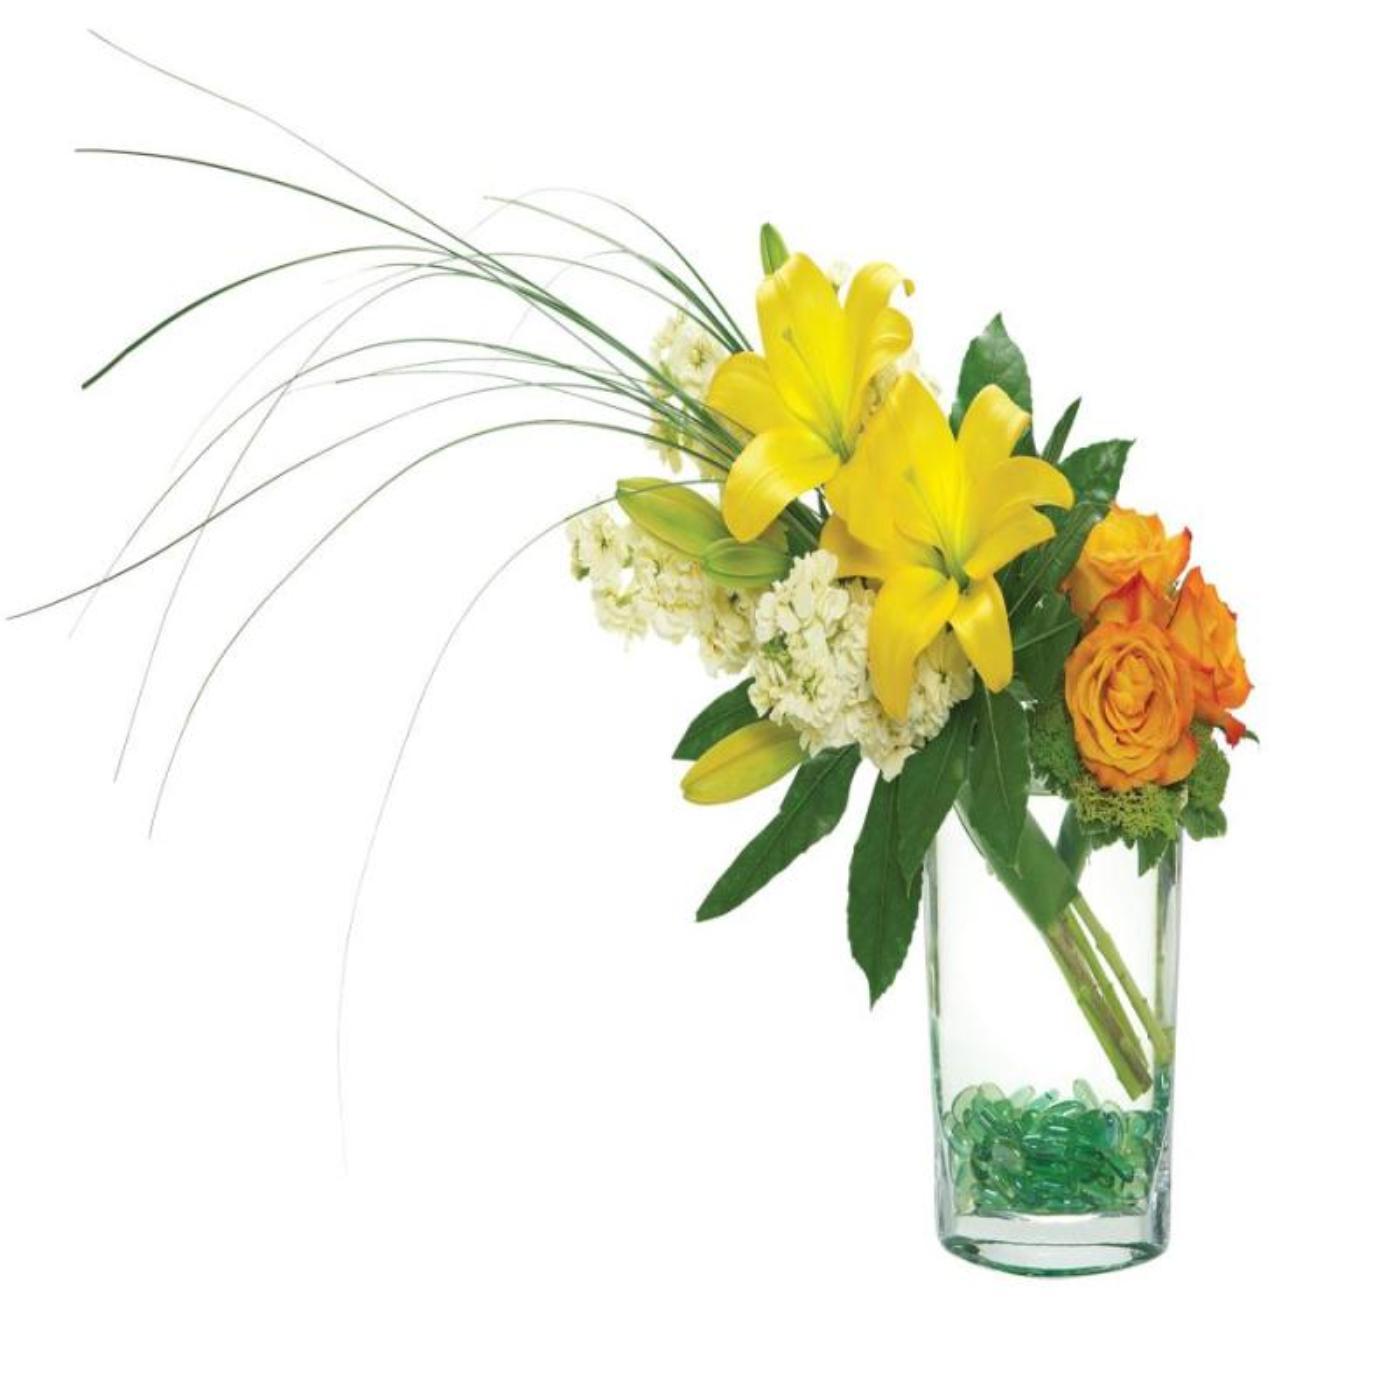 Serenity Garden in a Glass Vase